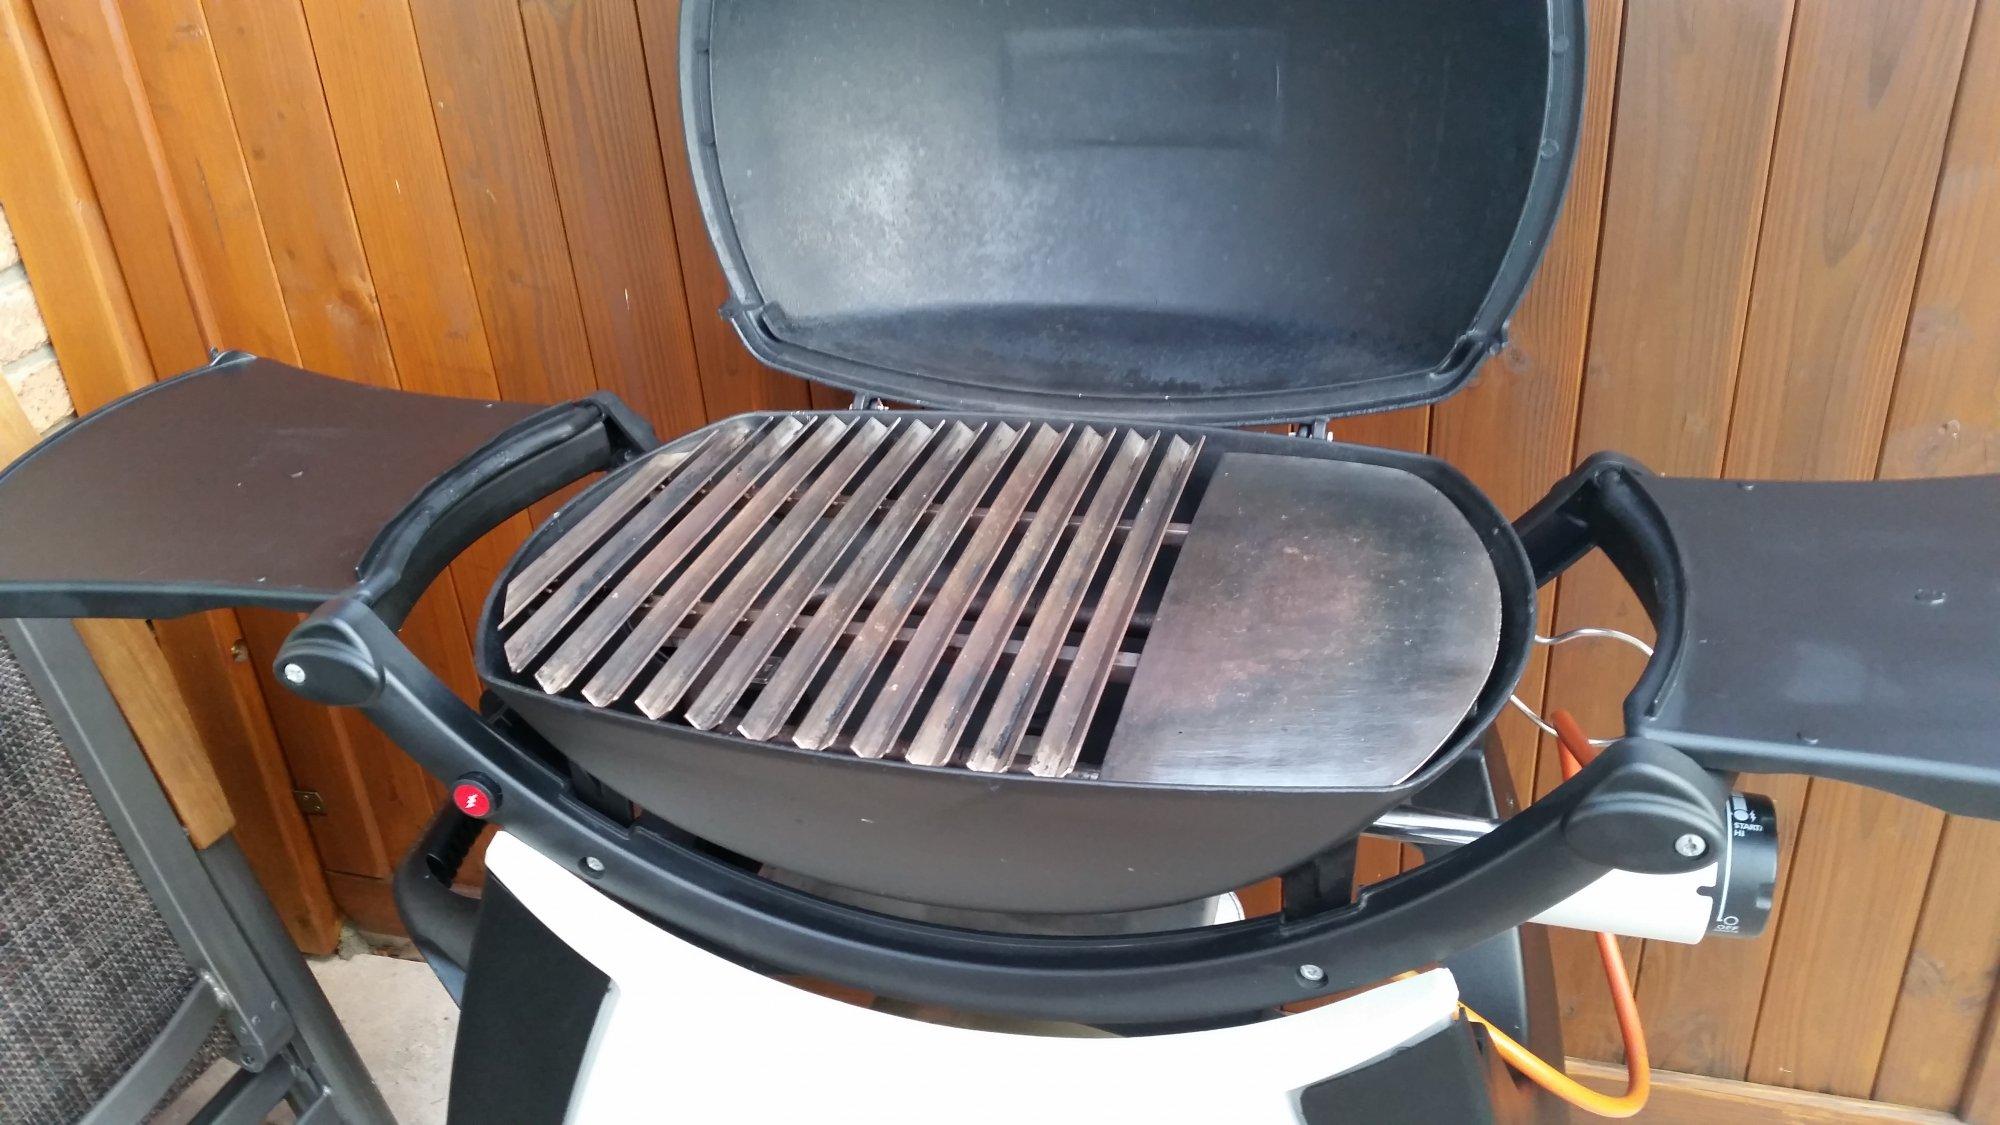 Weber Elektrogrill Garantie : Howto: weber grill injektor tuning seite 9 grillforum und bbq